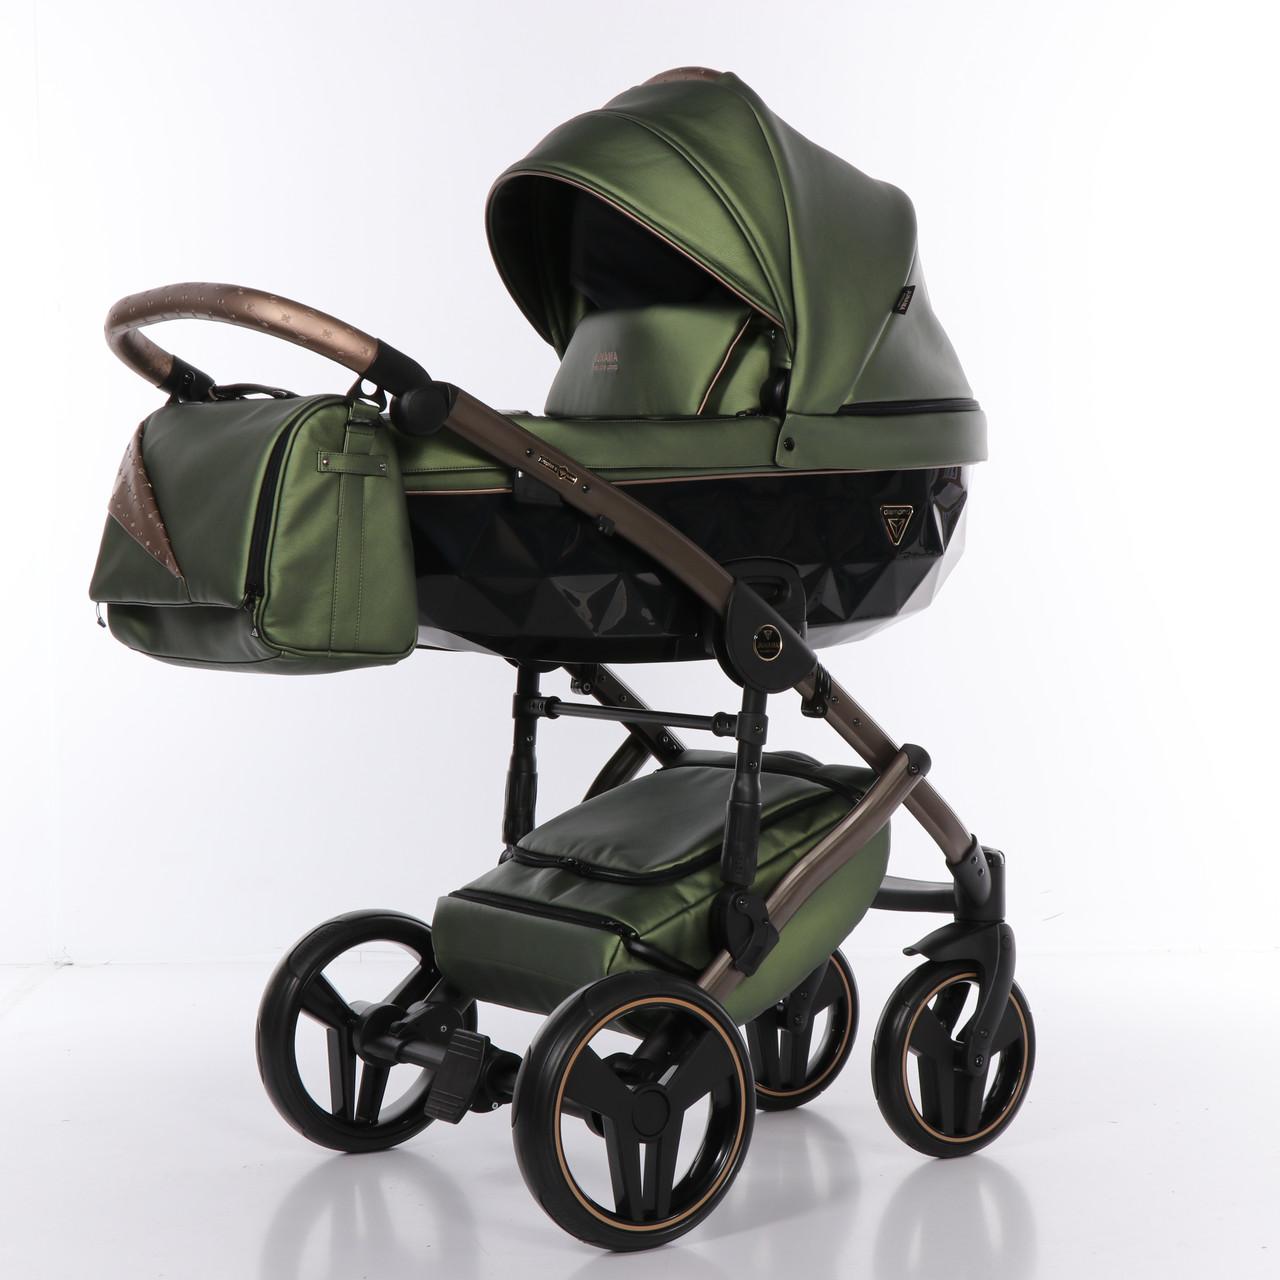 Детская коляска 2 в 1 Junama Diamond Fluo line II оливковая 05